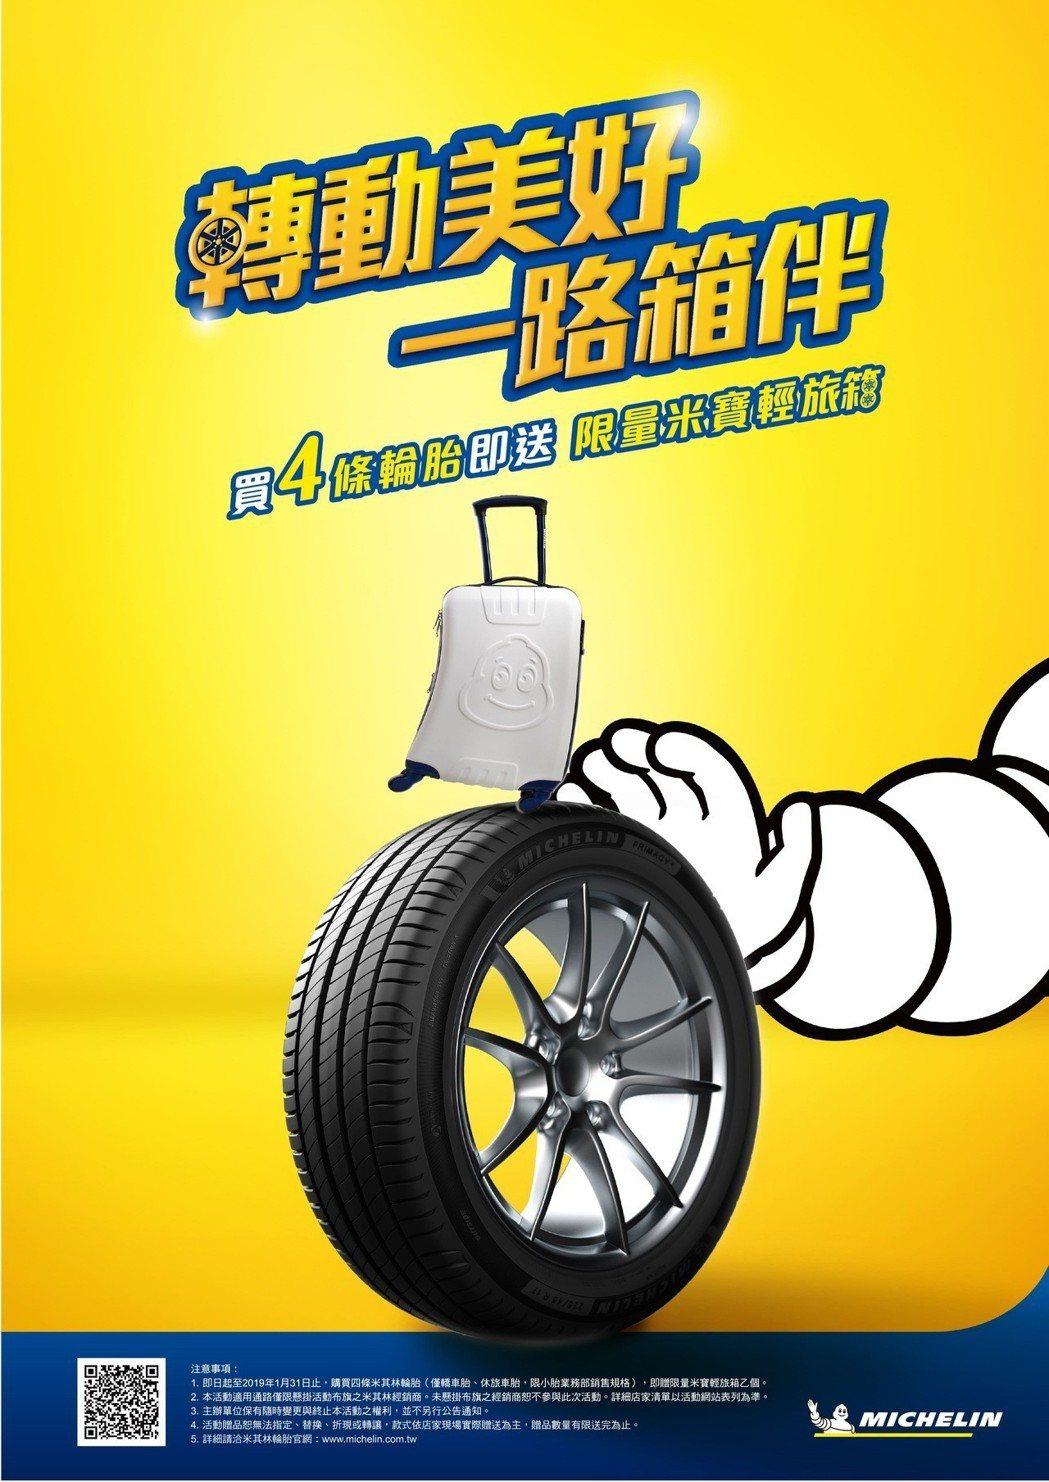 台灣米其林推出「轉動美好,一路箱伴」活動。 圖/台灣米其林提供